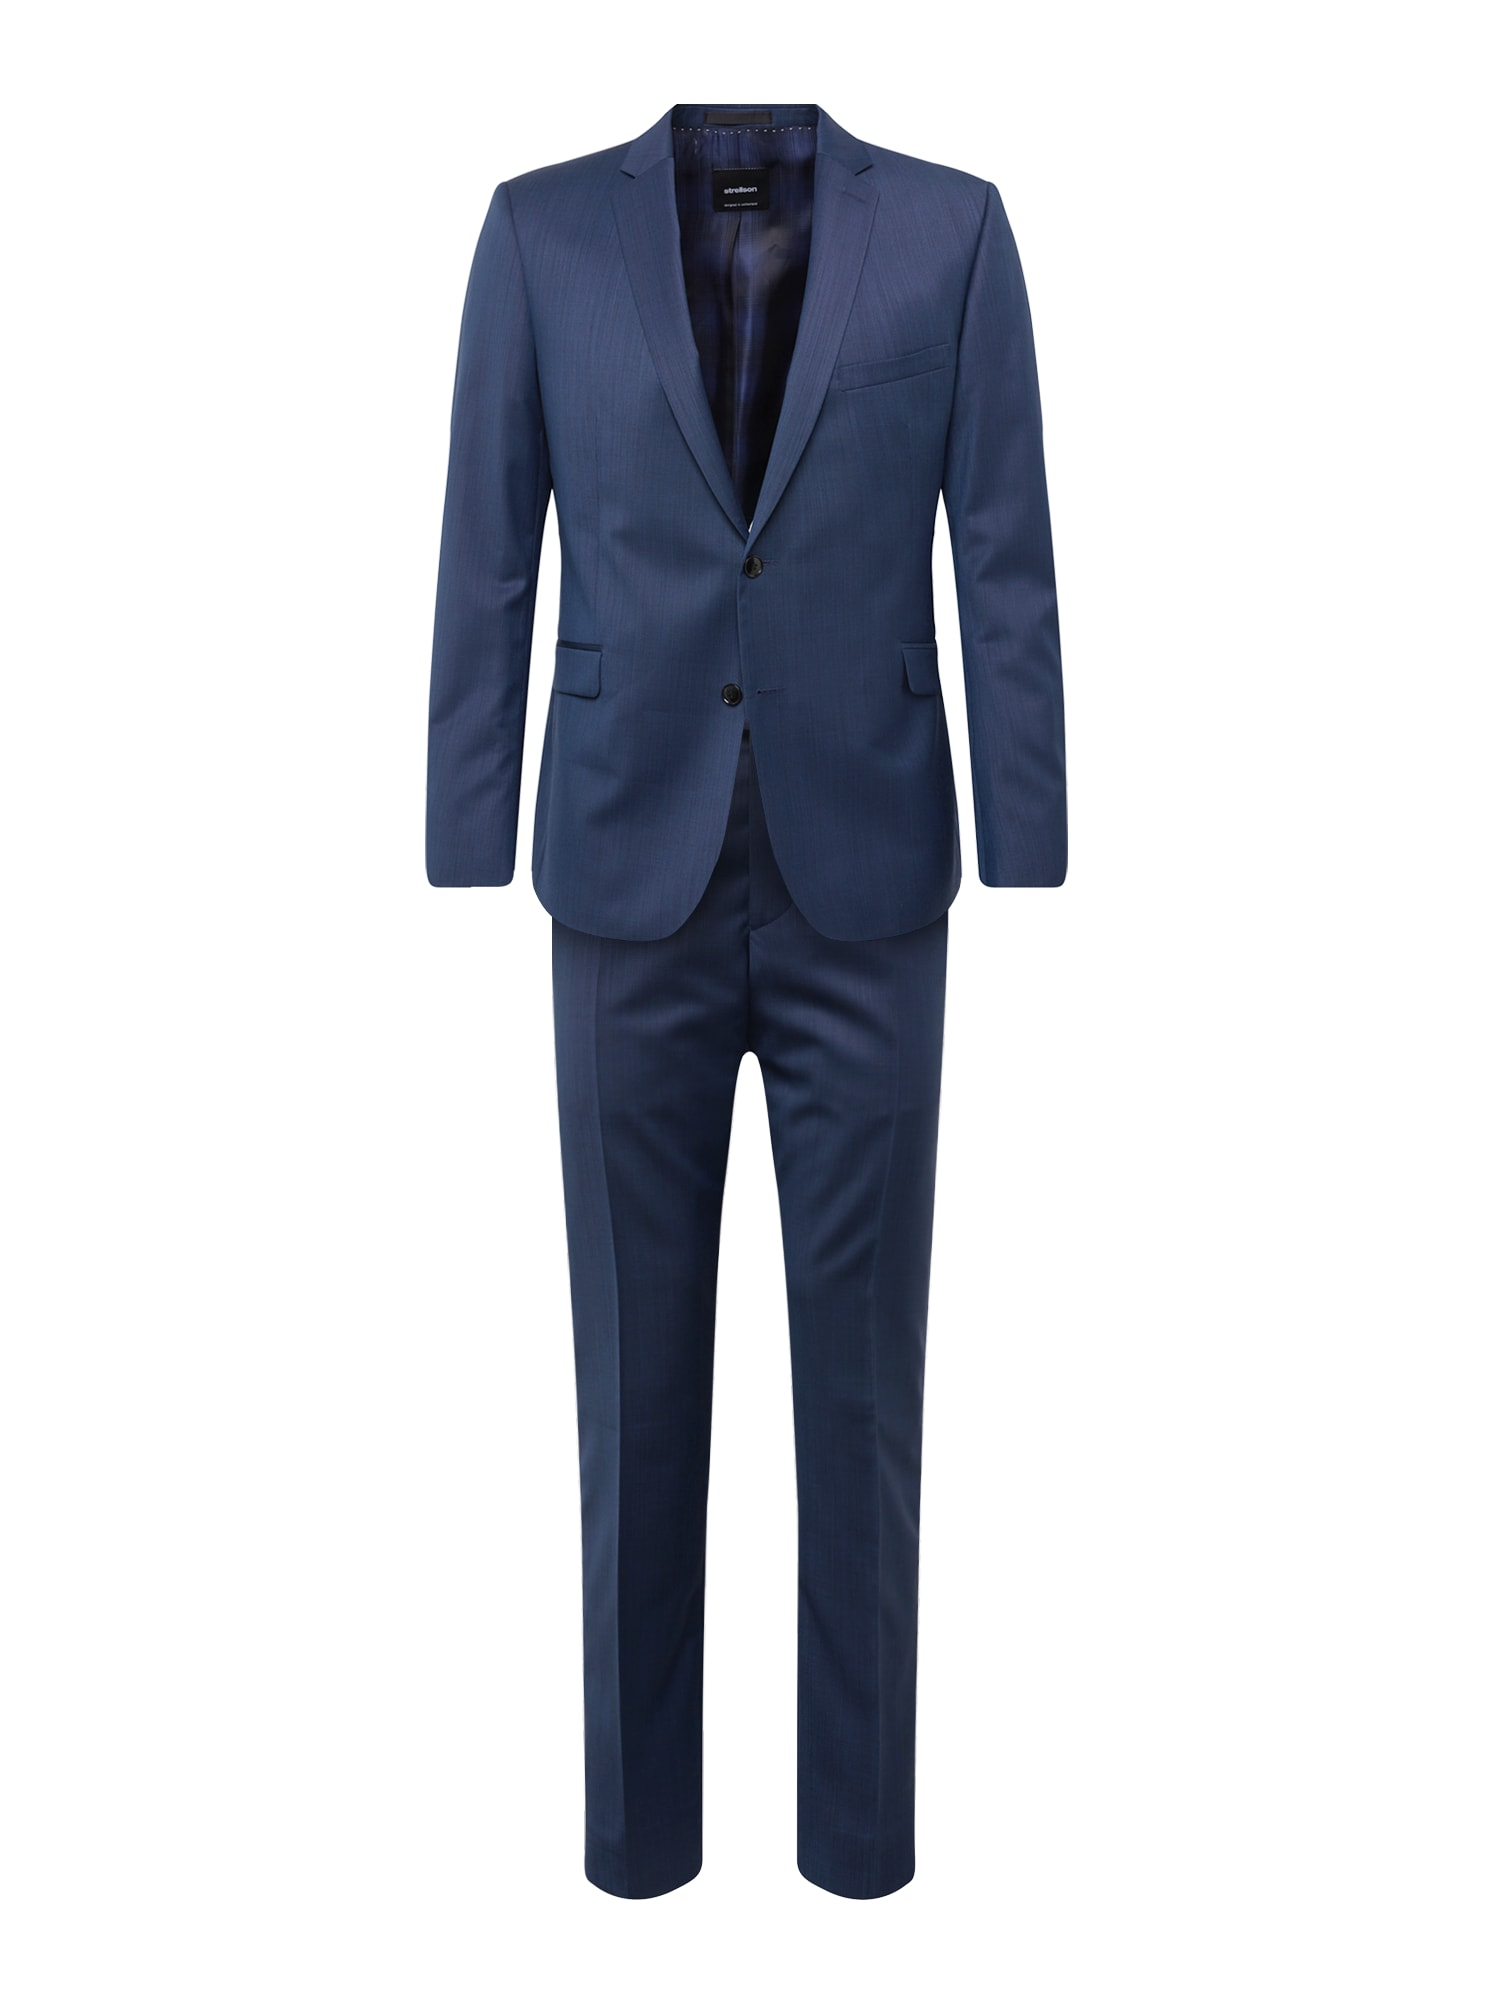 Oblek Allen-Mercer tmavě modrá STRELLSON